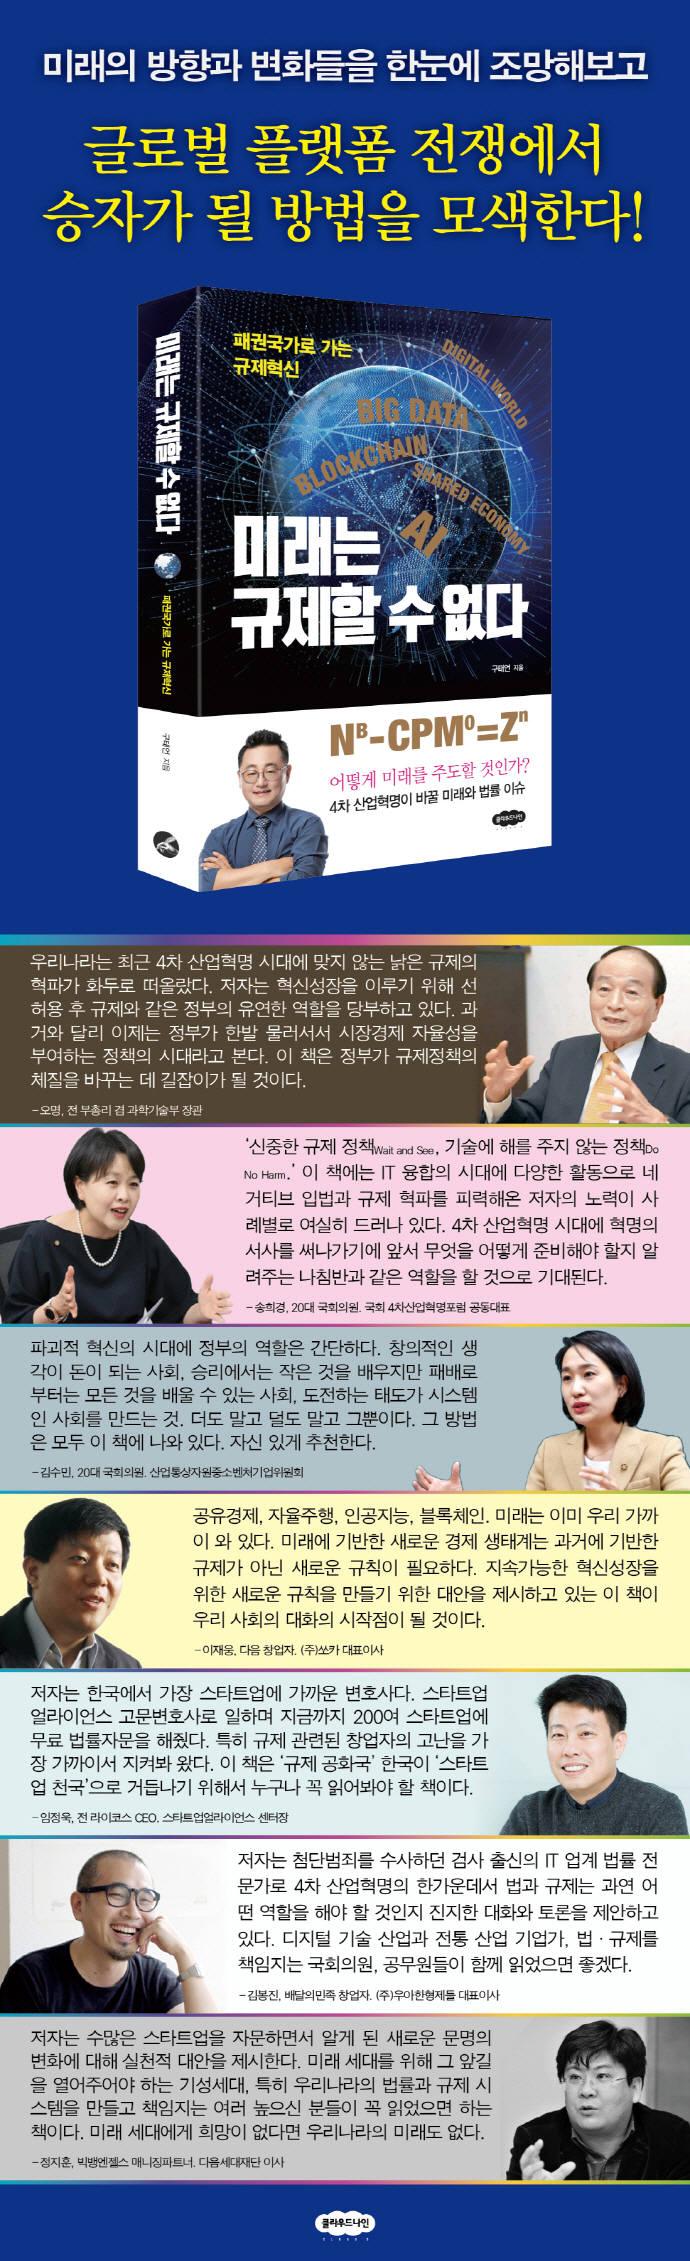 구태언 변호사, '미래는 규제할 수 없다' 발간… 4차 산업혁명 패권전략 담아